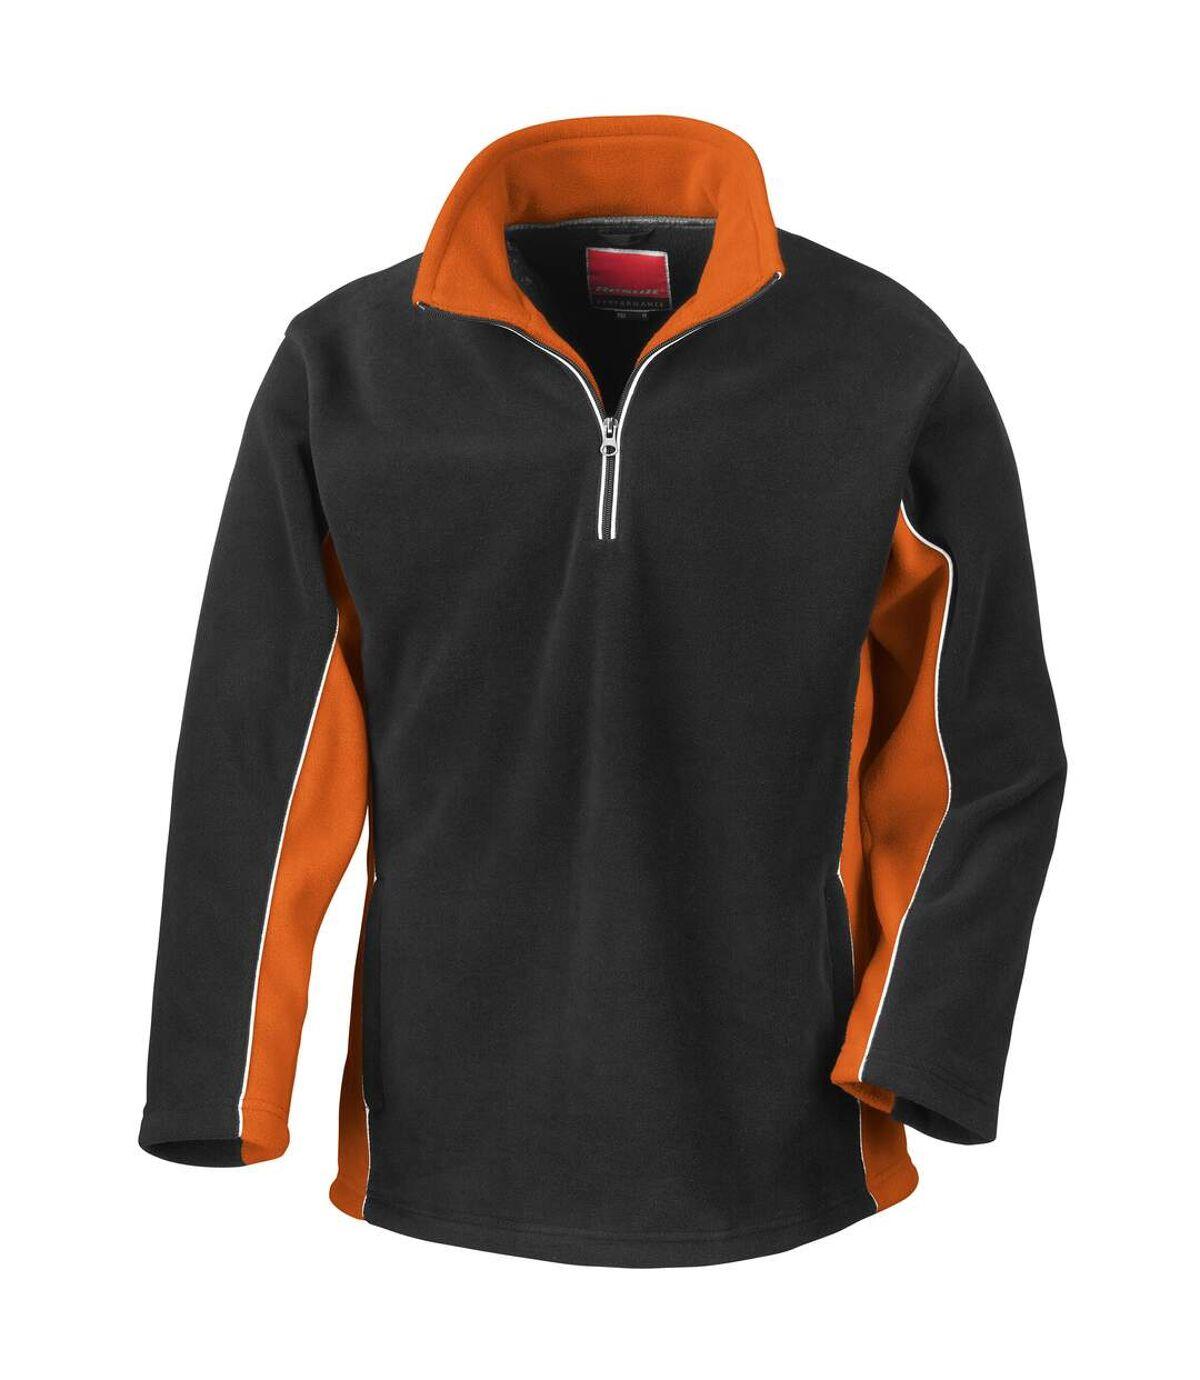 Result Tech3 - Veste polaire coupe-vent respirante - Homme (Noir/Orange) - UTBC935